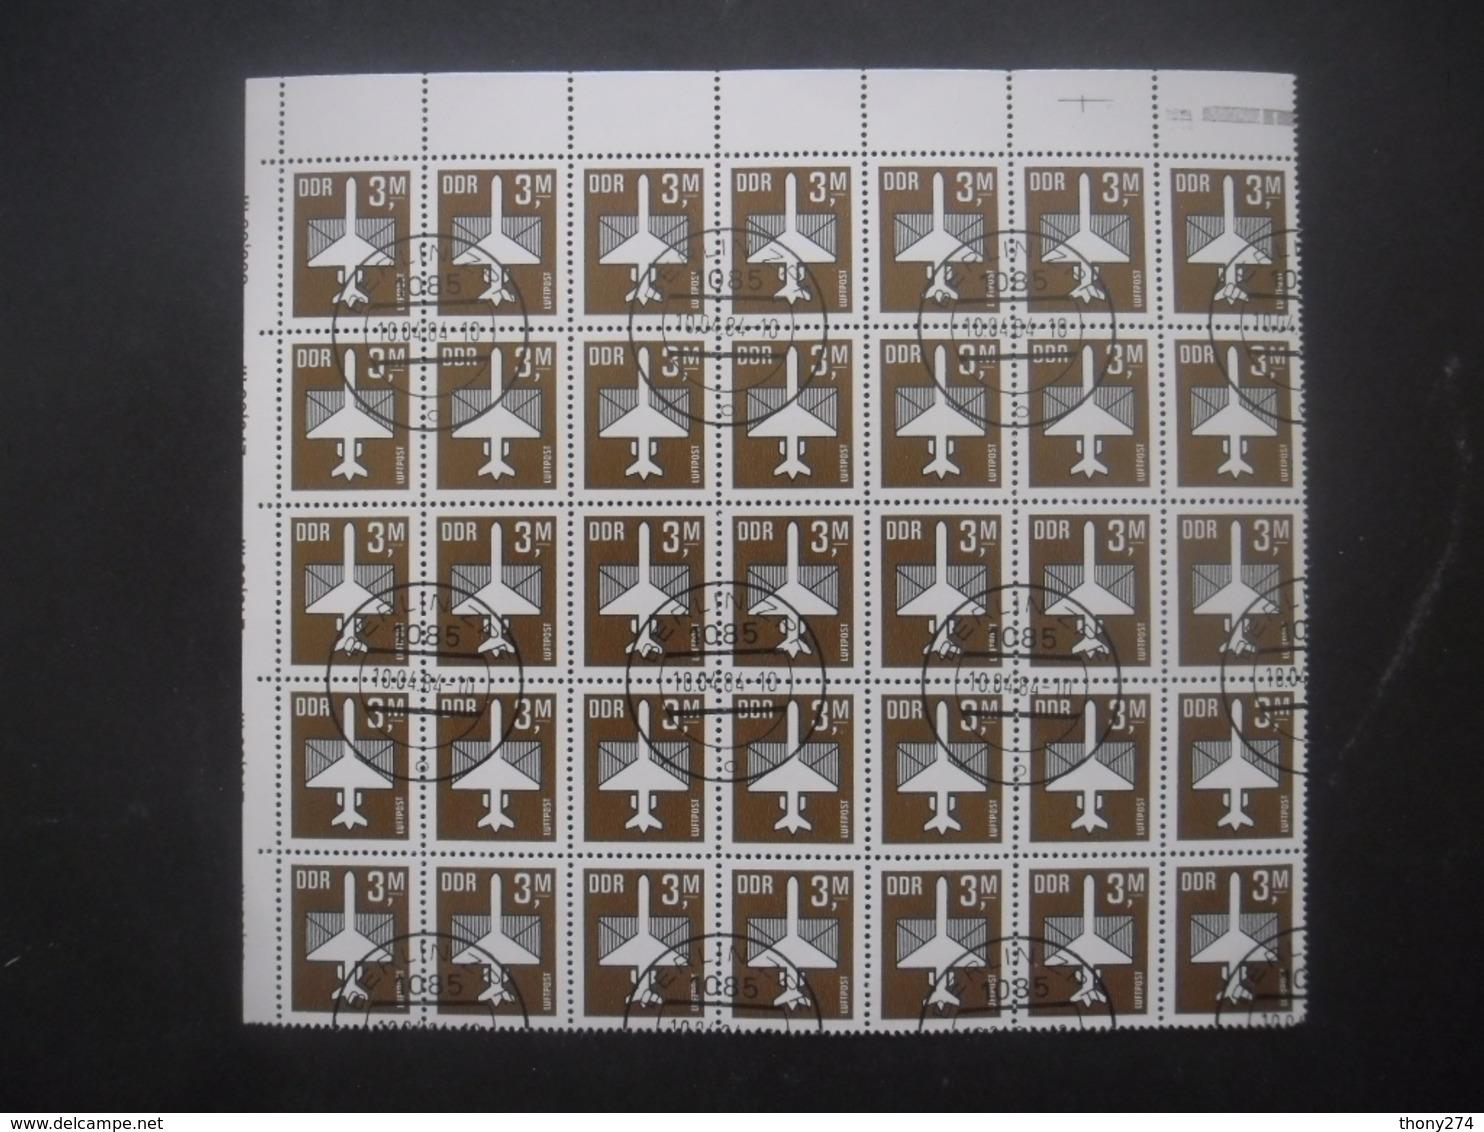 ALLEMAGNE DDR Poste Aérienne N°13 En Bloc De 35 Oblitéré Cote 63€ - Verzamelingen (zonder Album)